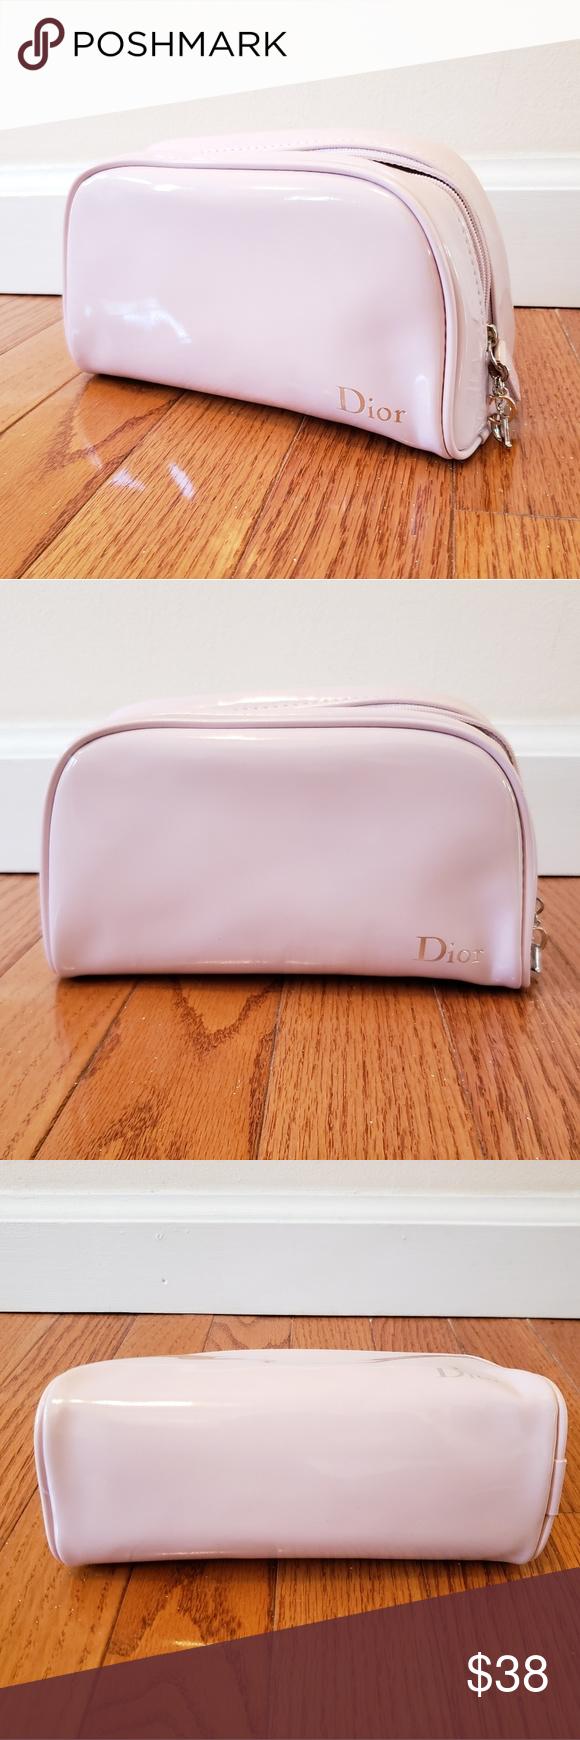 Christian Dior pink makeup bag Pink makeup bag, Makeup